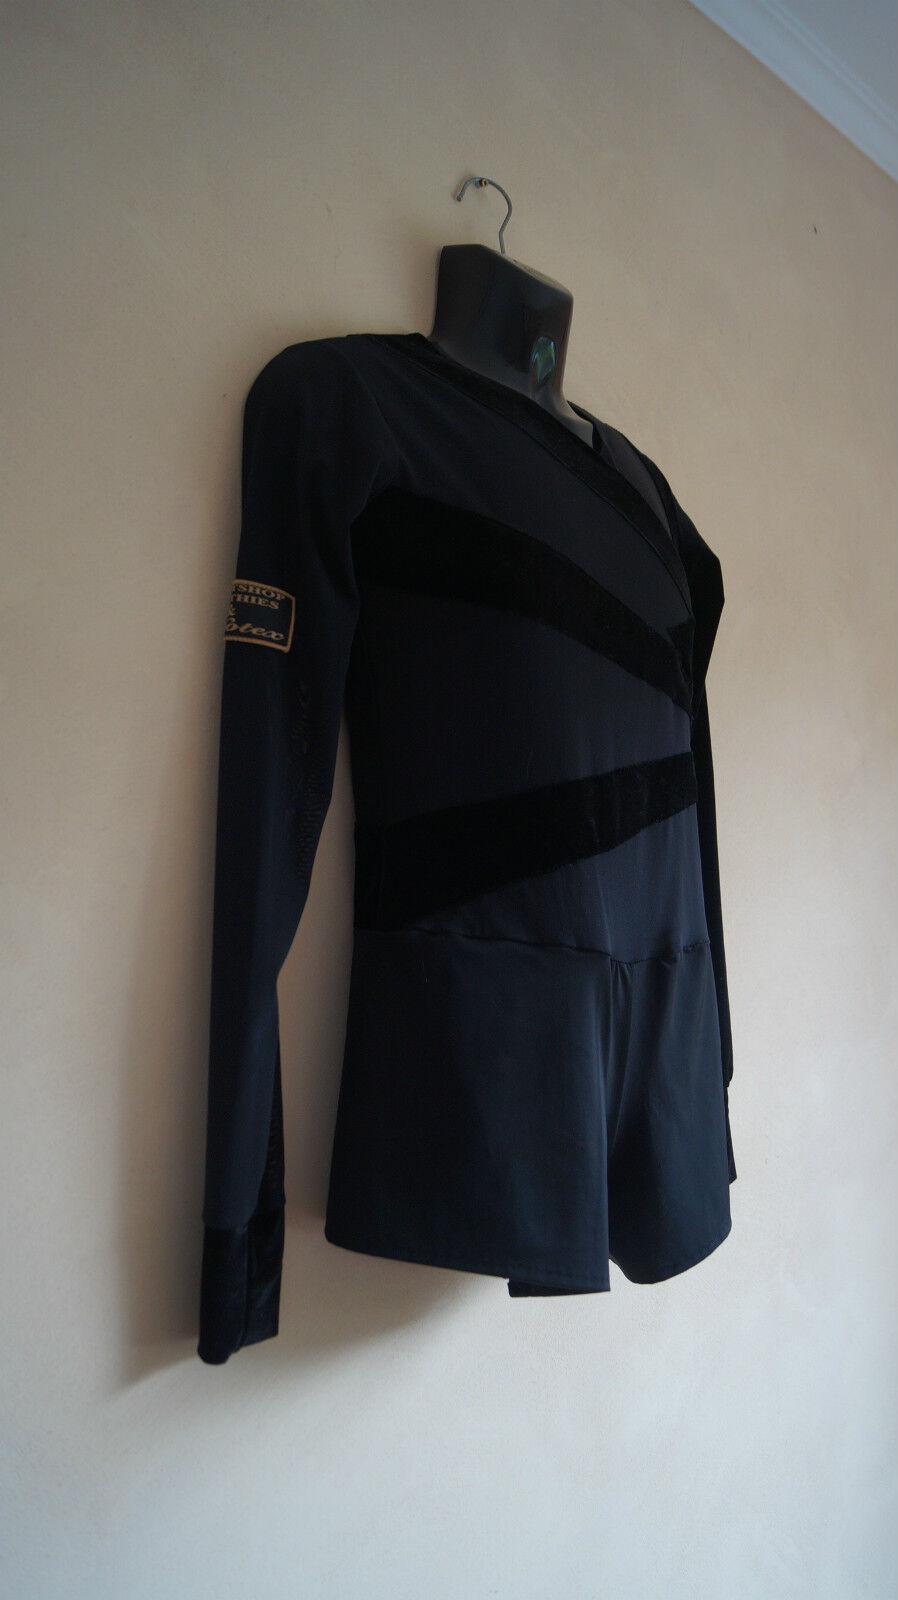 Lateinhemd Turnierhemd Hemd Tanzhemd Latin Dress Junge Latein Ballroom schwarz schwarz schwarz   Toy Story    Export  5fac93